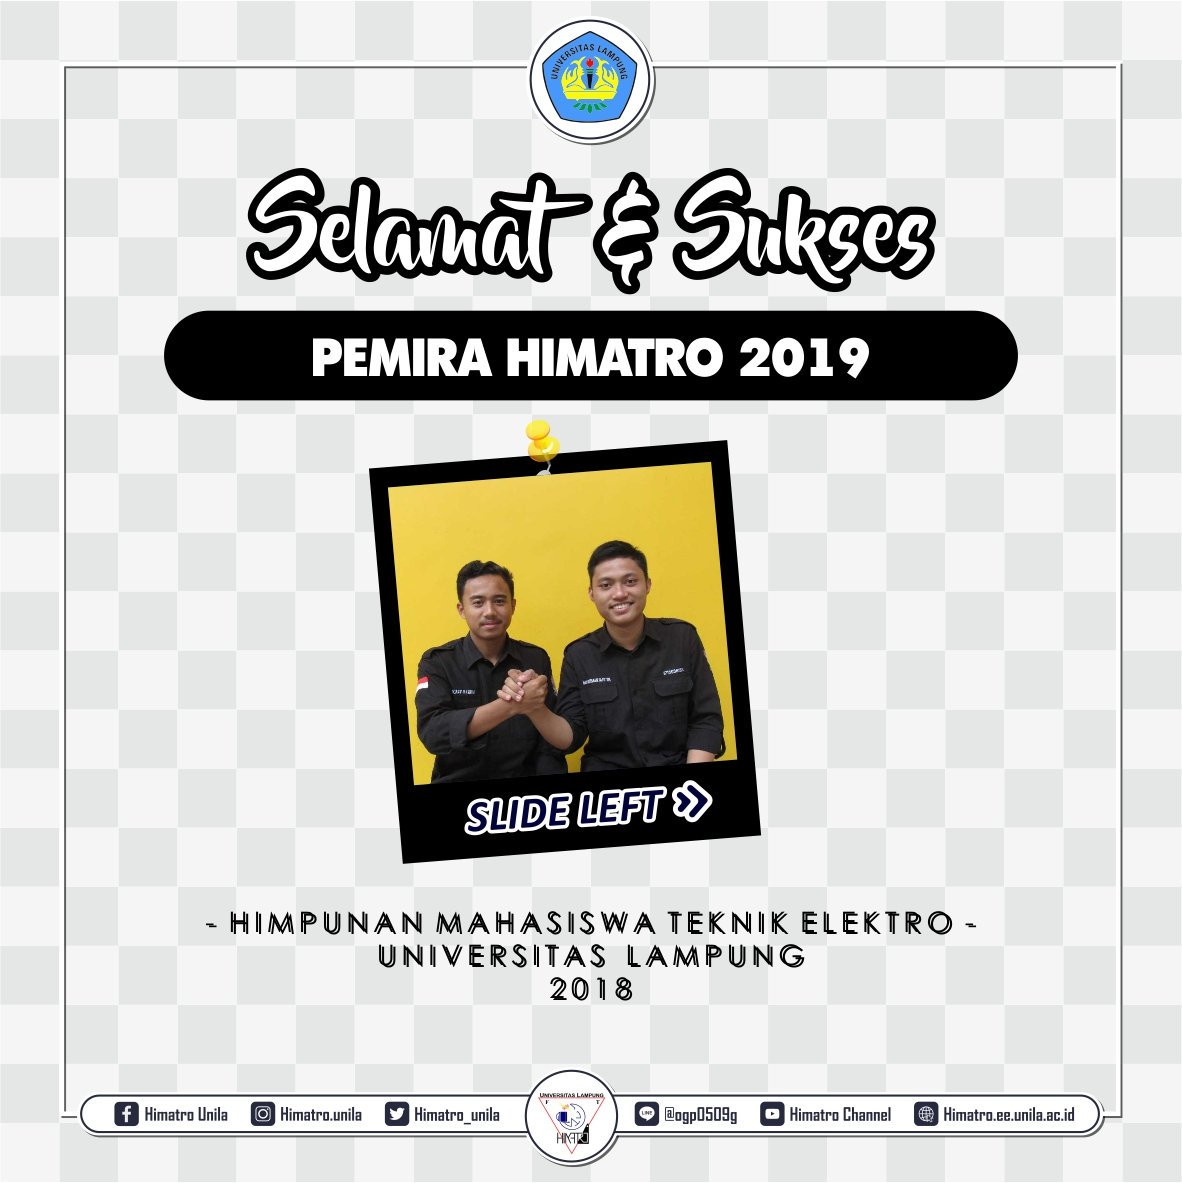 #HIMATRO_SHARE  (28/12/2018) Selamat dan Sukses! kepada pasangan Ocazy Harun dan Rio Nurman Saputra sebagai Ketua dan Wakil Ketua Terpilih. Himpunan Mahasiswa Teknik Elektro Periode 2019.  Himatro..!! Luar Biasa!!   #PEMIRA2019 #HIMATRO #UNILA #LUARBIASApic.twitter.com/sADh7e8WMm